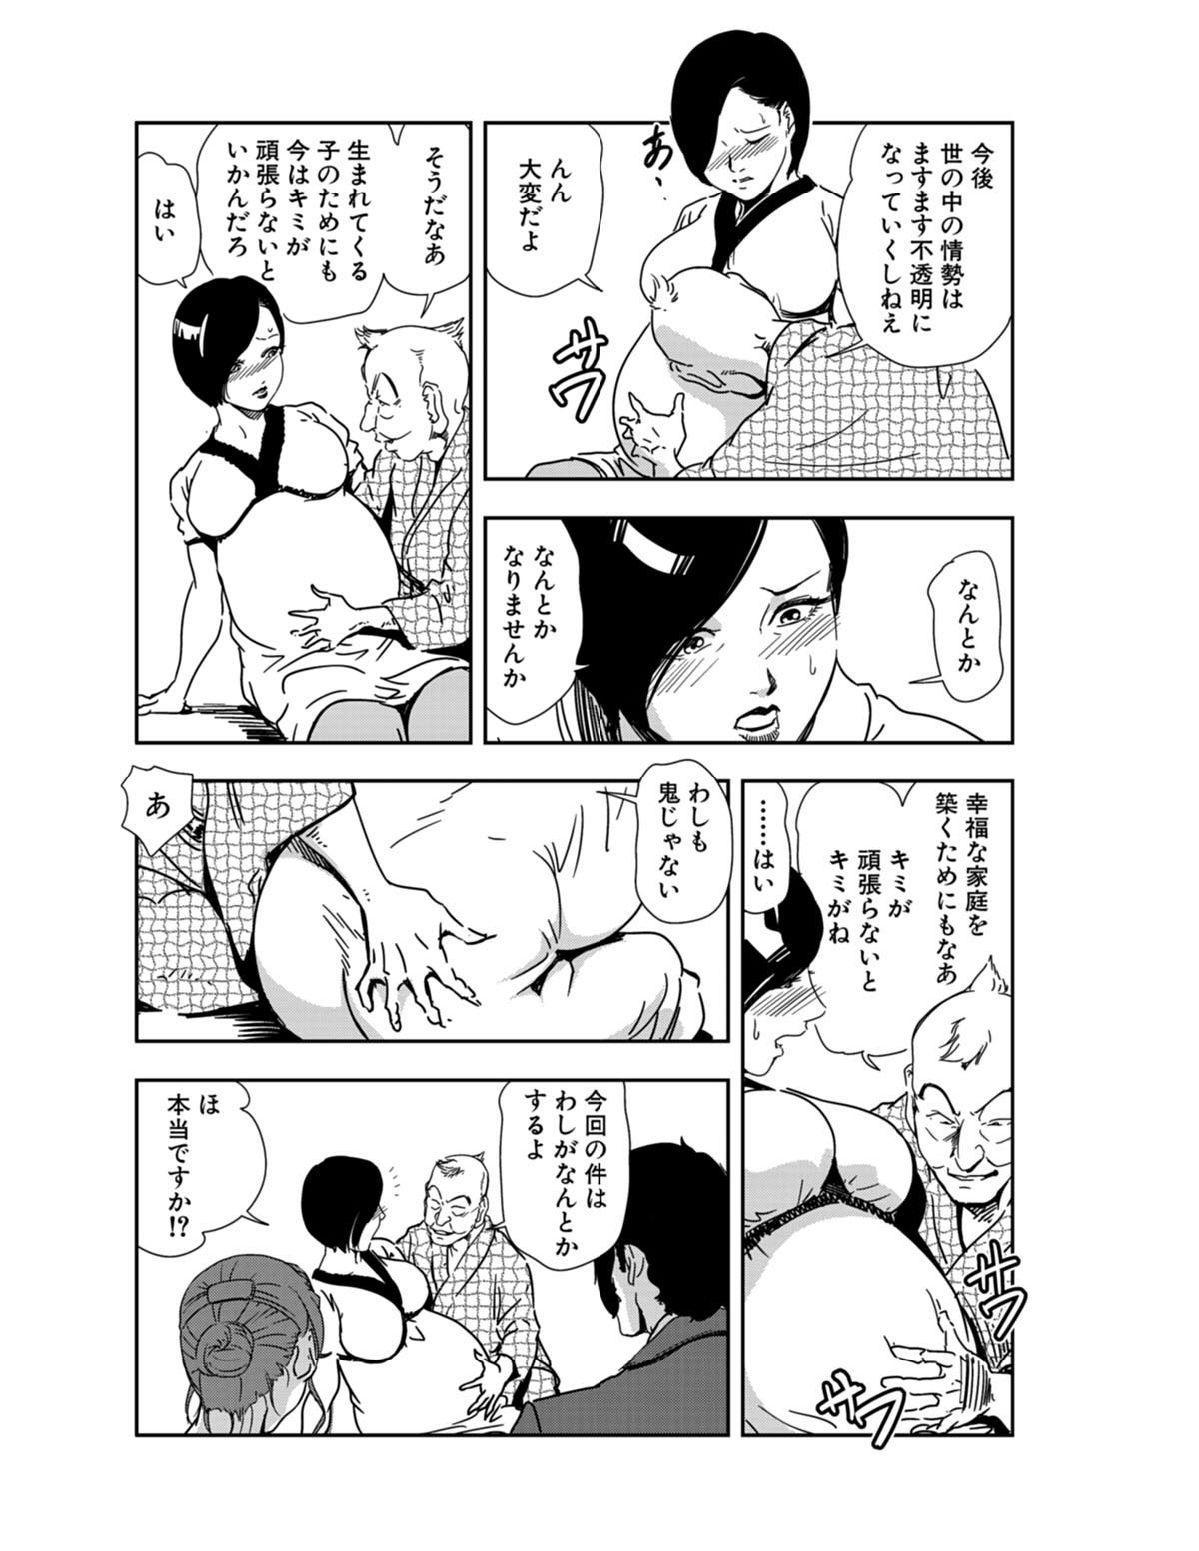 Nikuhisyo Yukiko 21 107